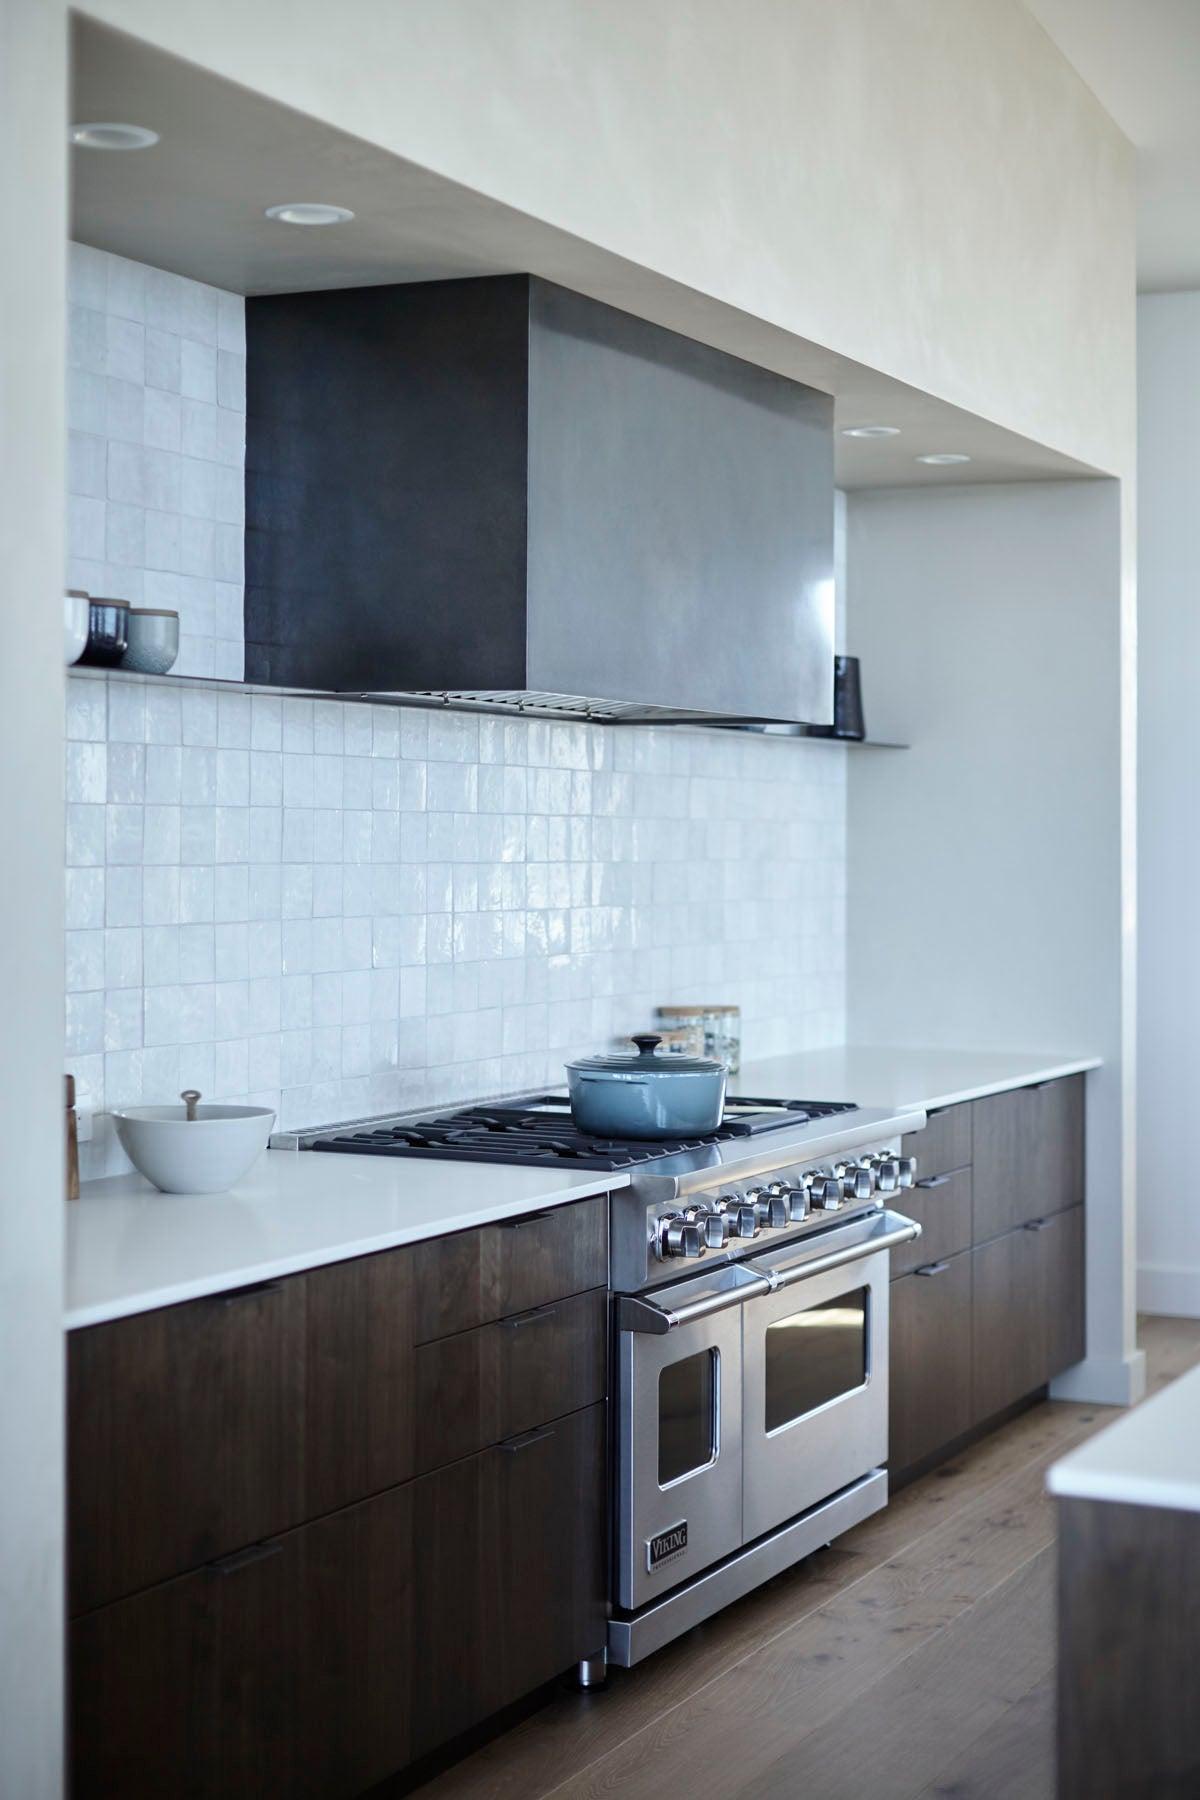 7 Dark Brown Kitchen Cabinets That, Kitchen Pictures With Dark Brown Cabinets